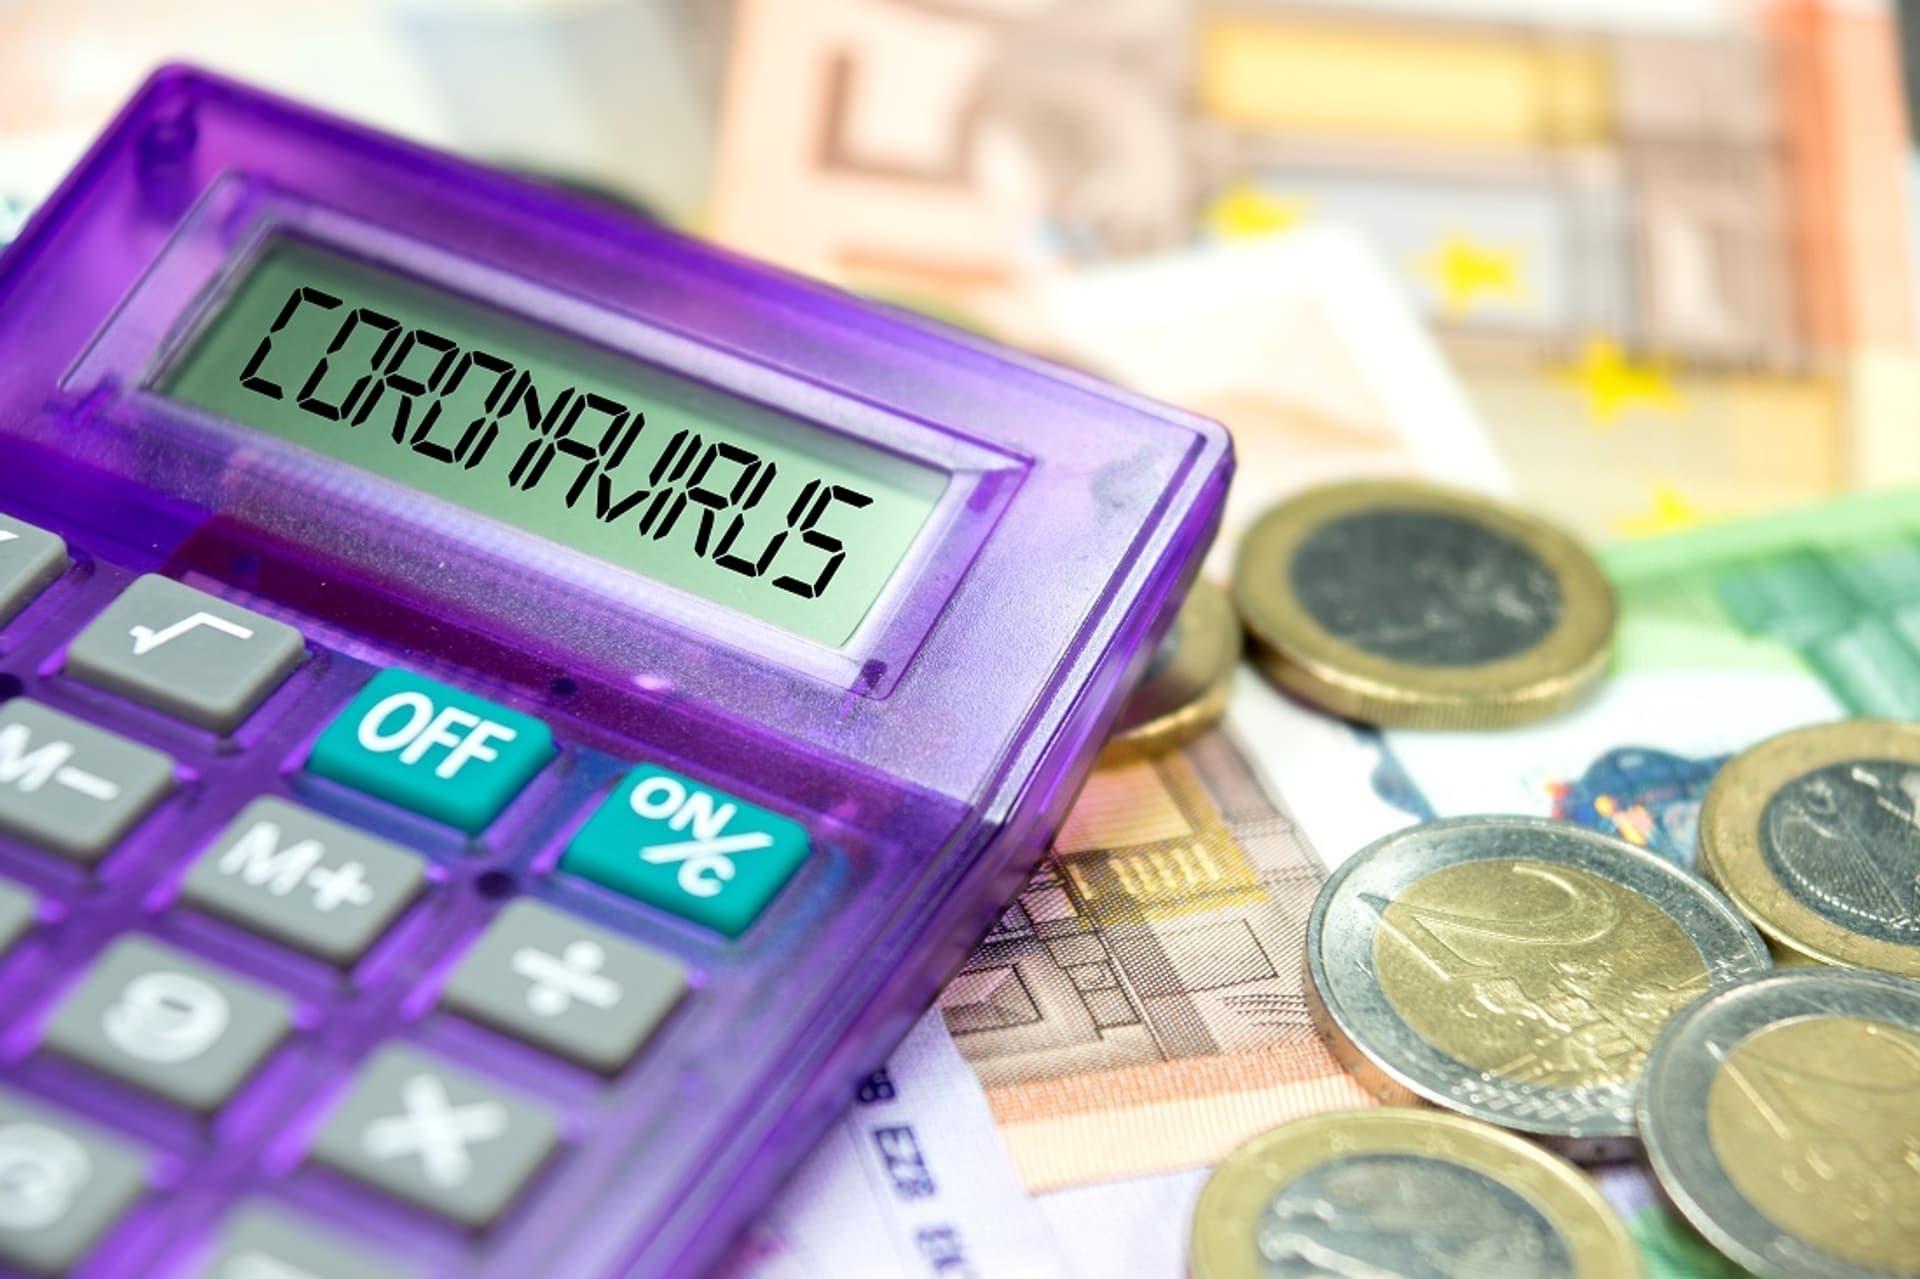 Taschenrechner mit Anzeige Coronavirus, Geld